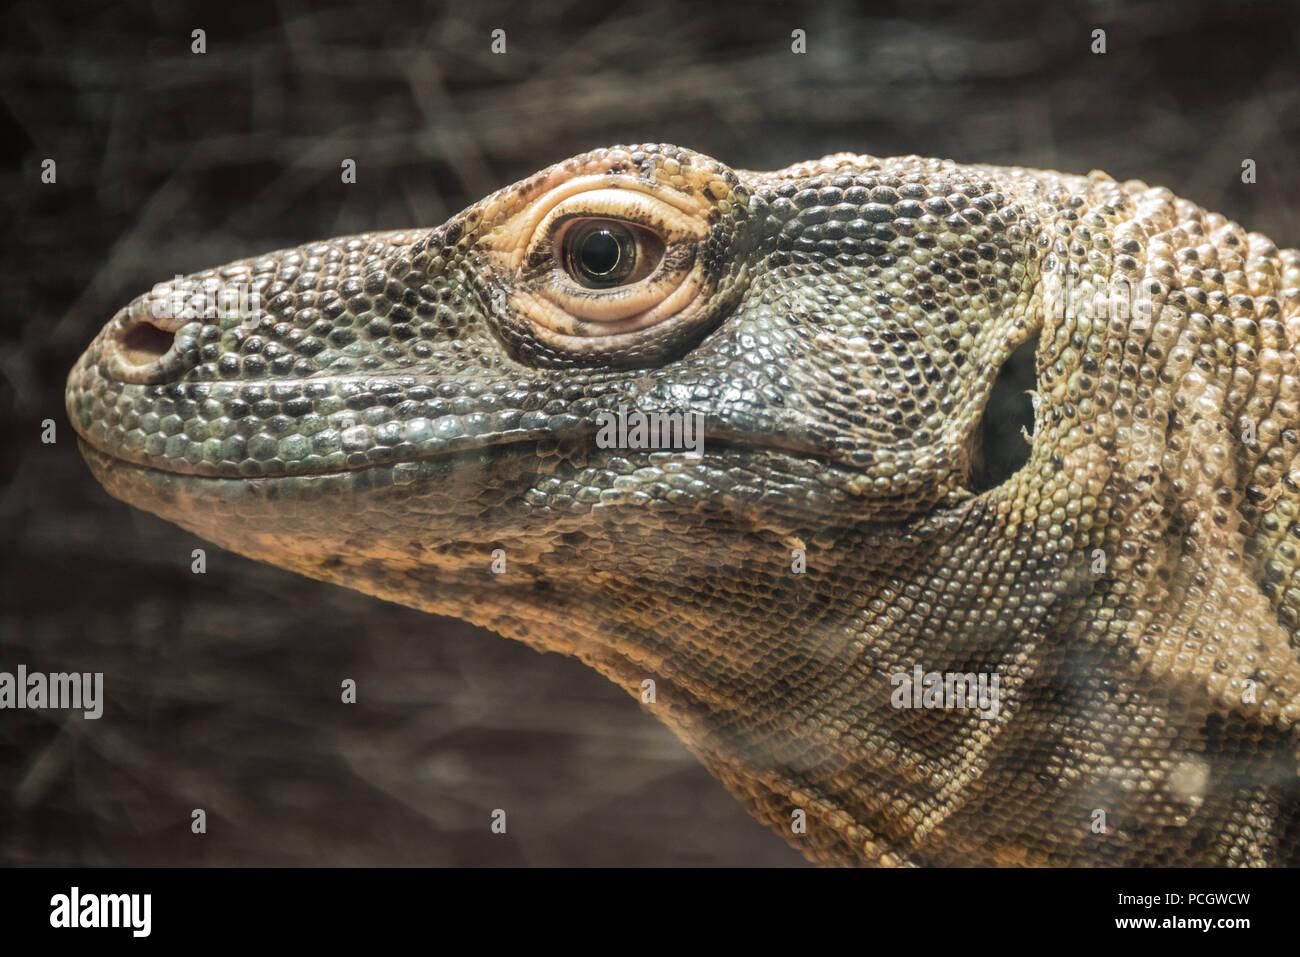 Komodo dragon profile close-up view. - Stock Image